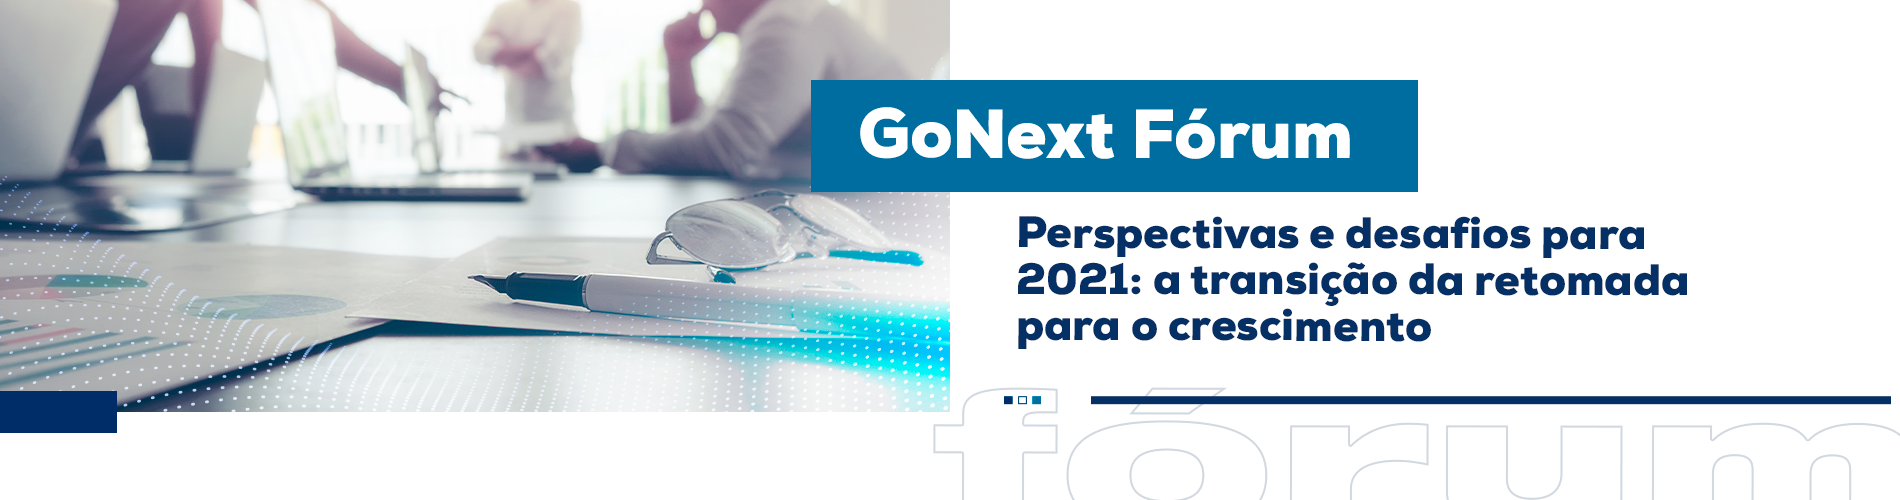 GoNext Fórum – perspectivas e desafios para 2021: a transição da retomada para o crescimento